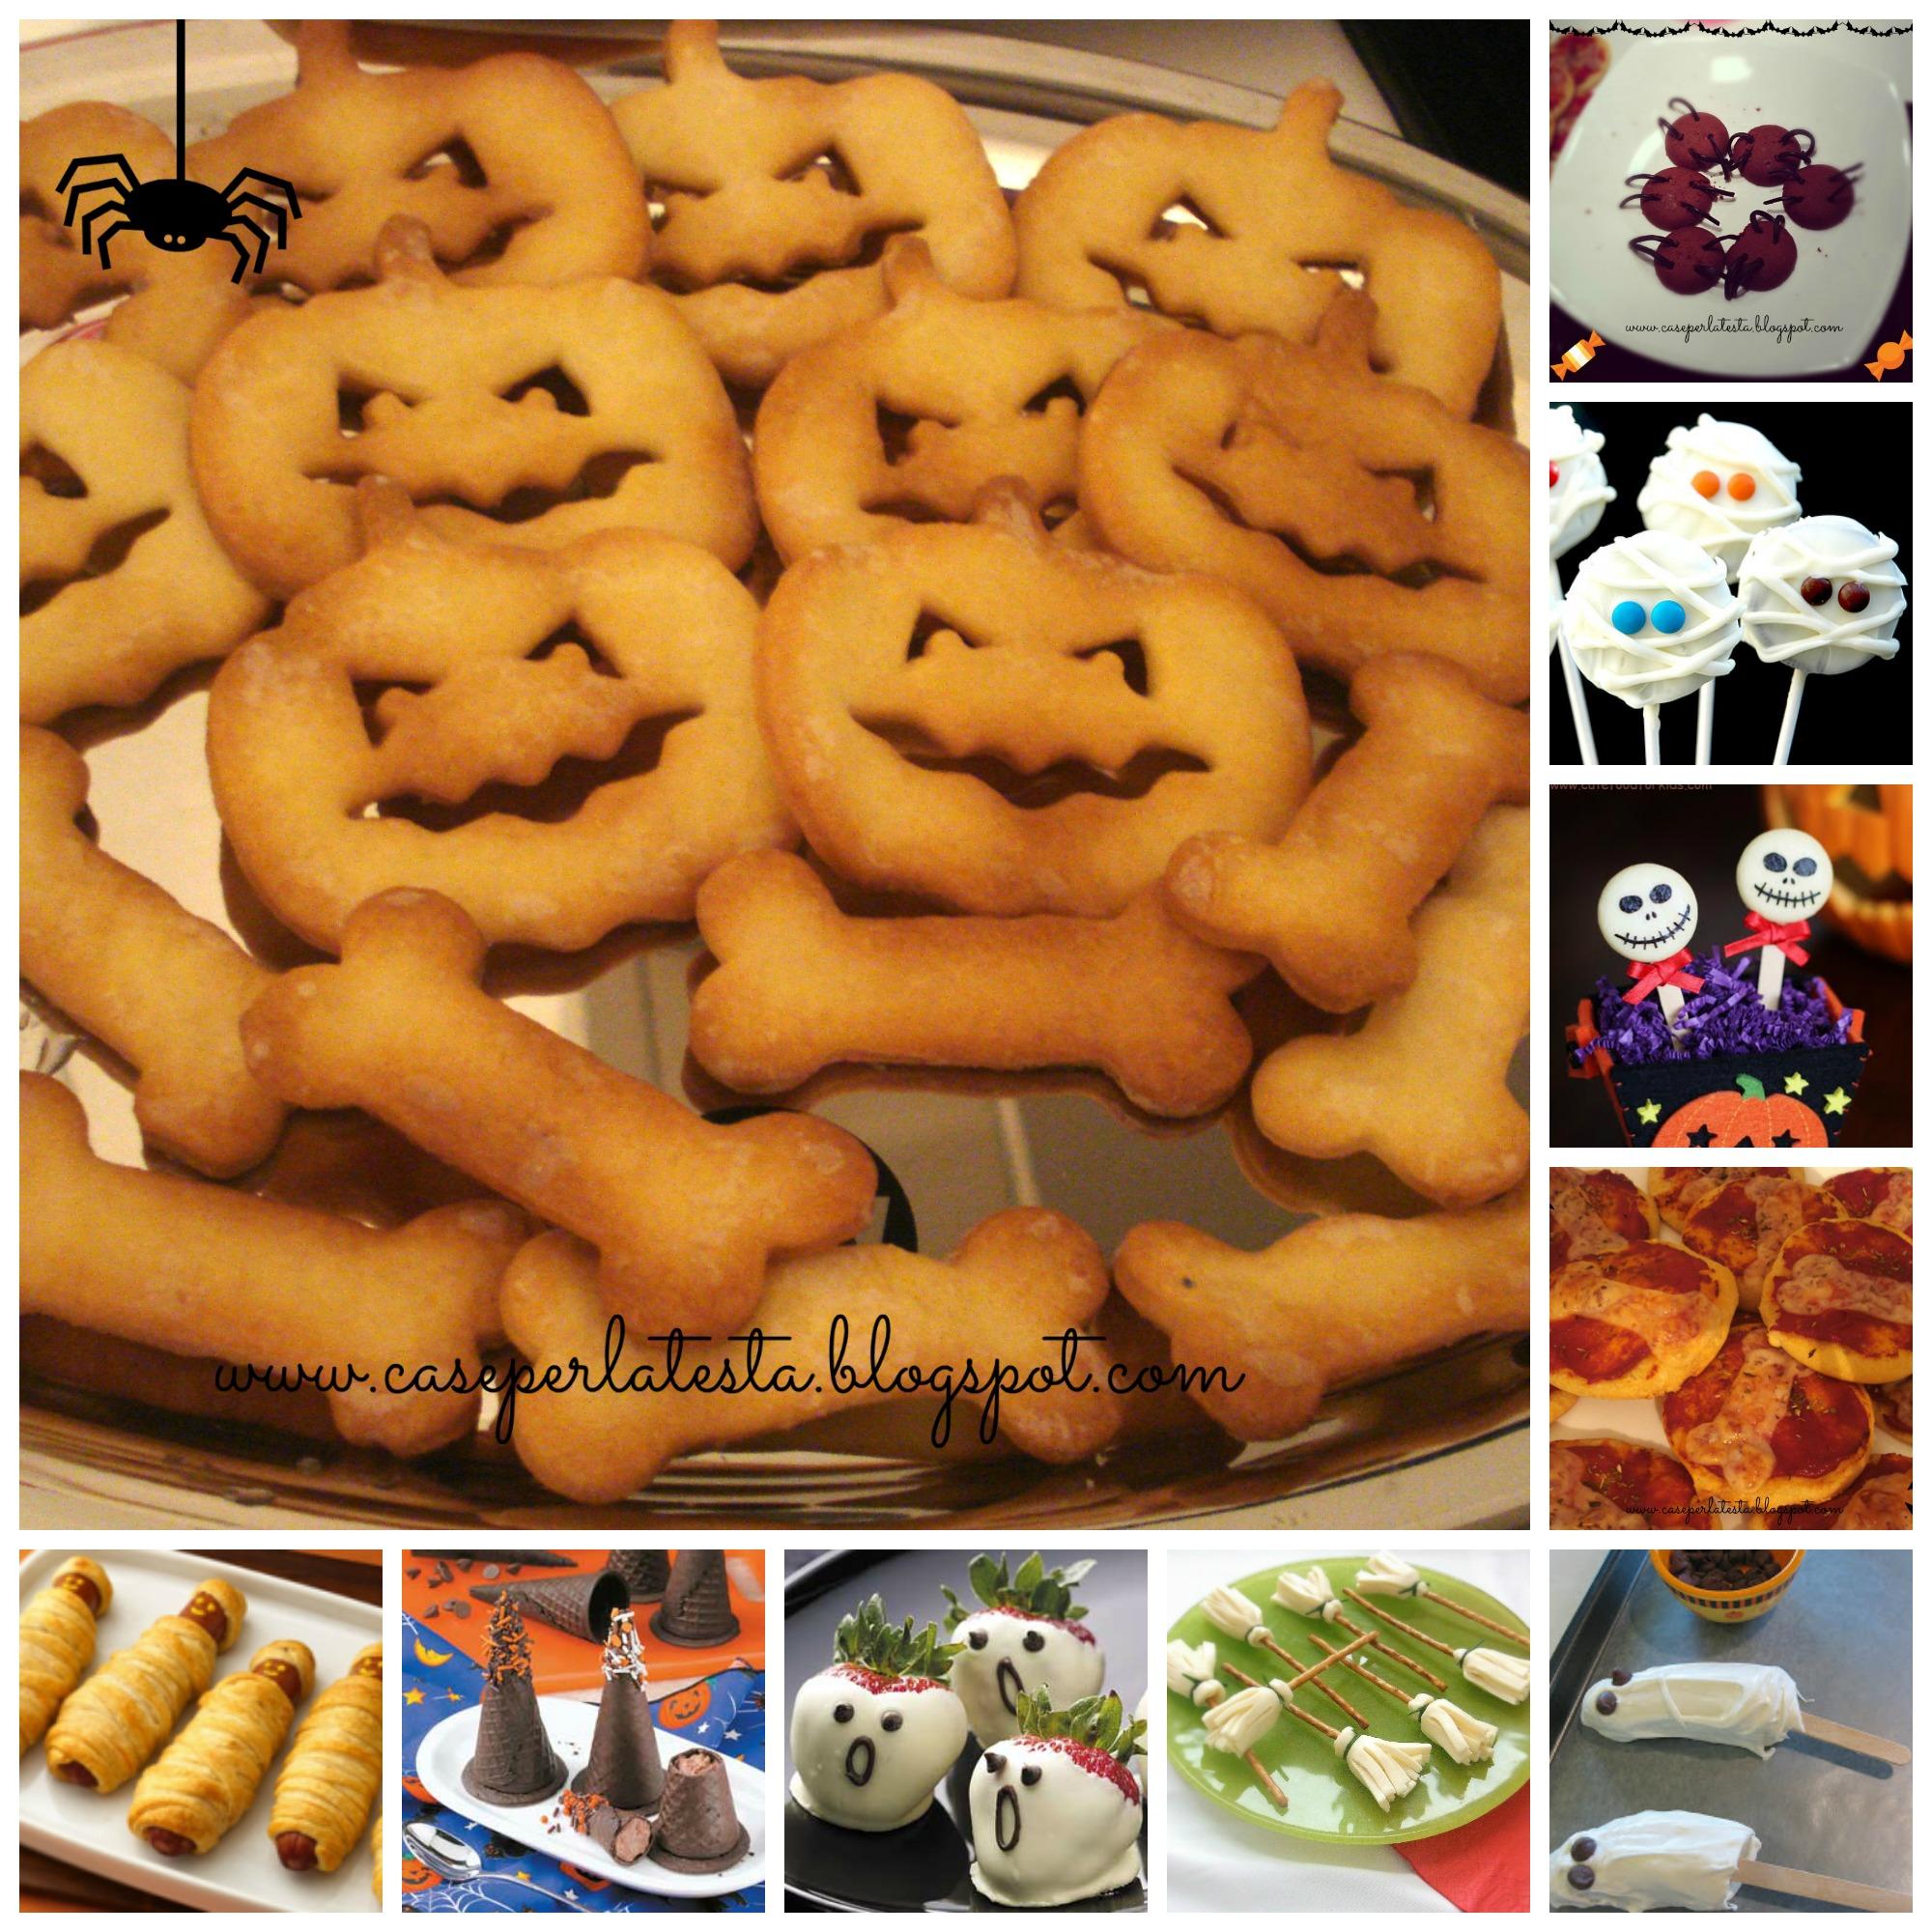 Le 10 migliori ricette per halloween facilissime the for Ricette facilissime